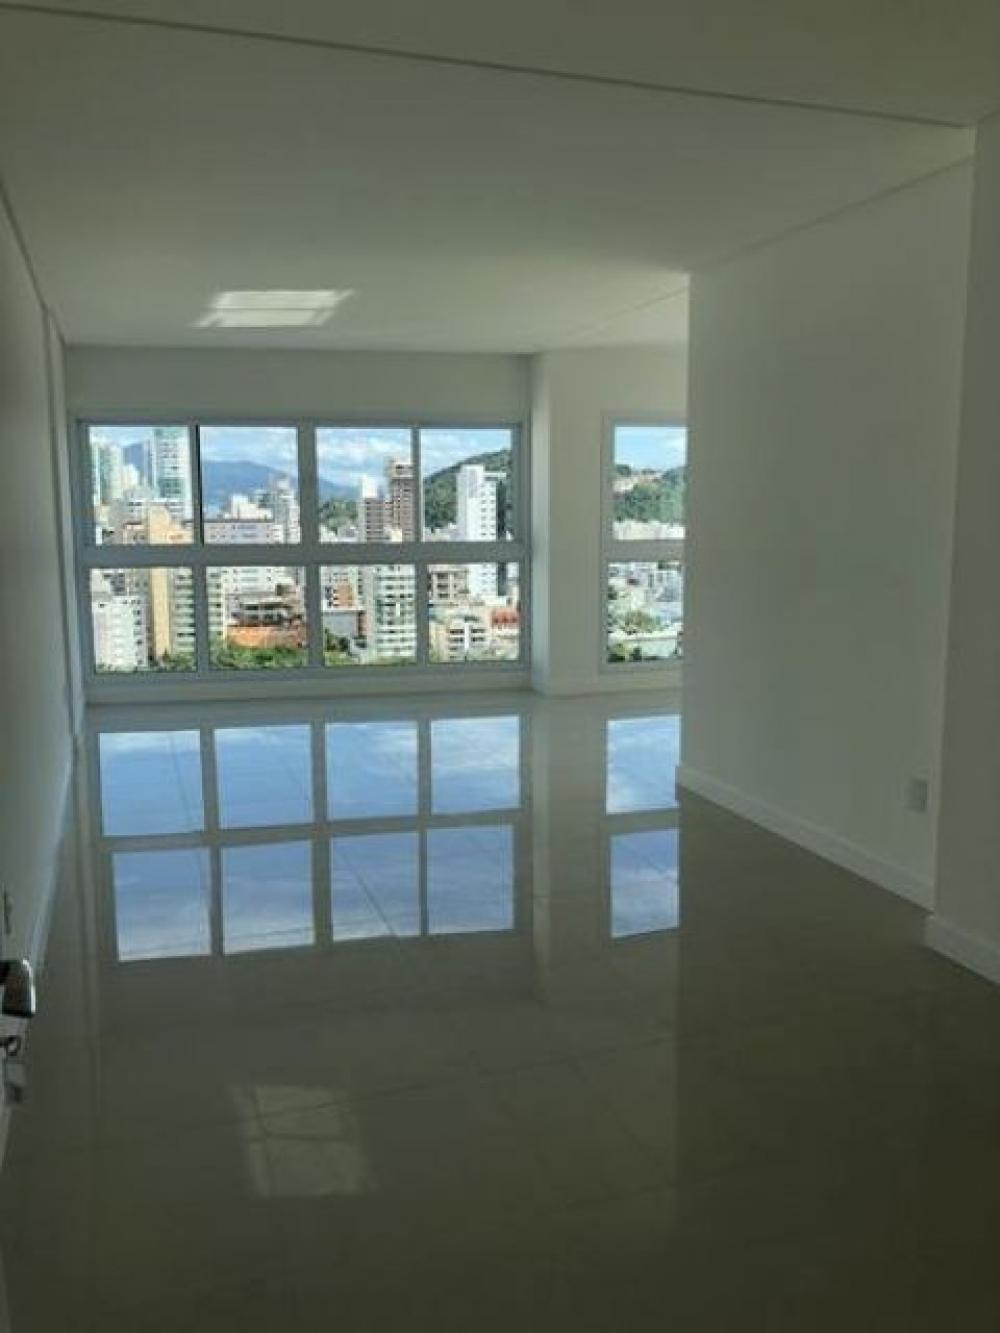 Balneario Camboriu Apartamento Venda R$1.350.000,00 4 Dormitorios 4 Suites Area construida 135.00m2